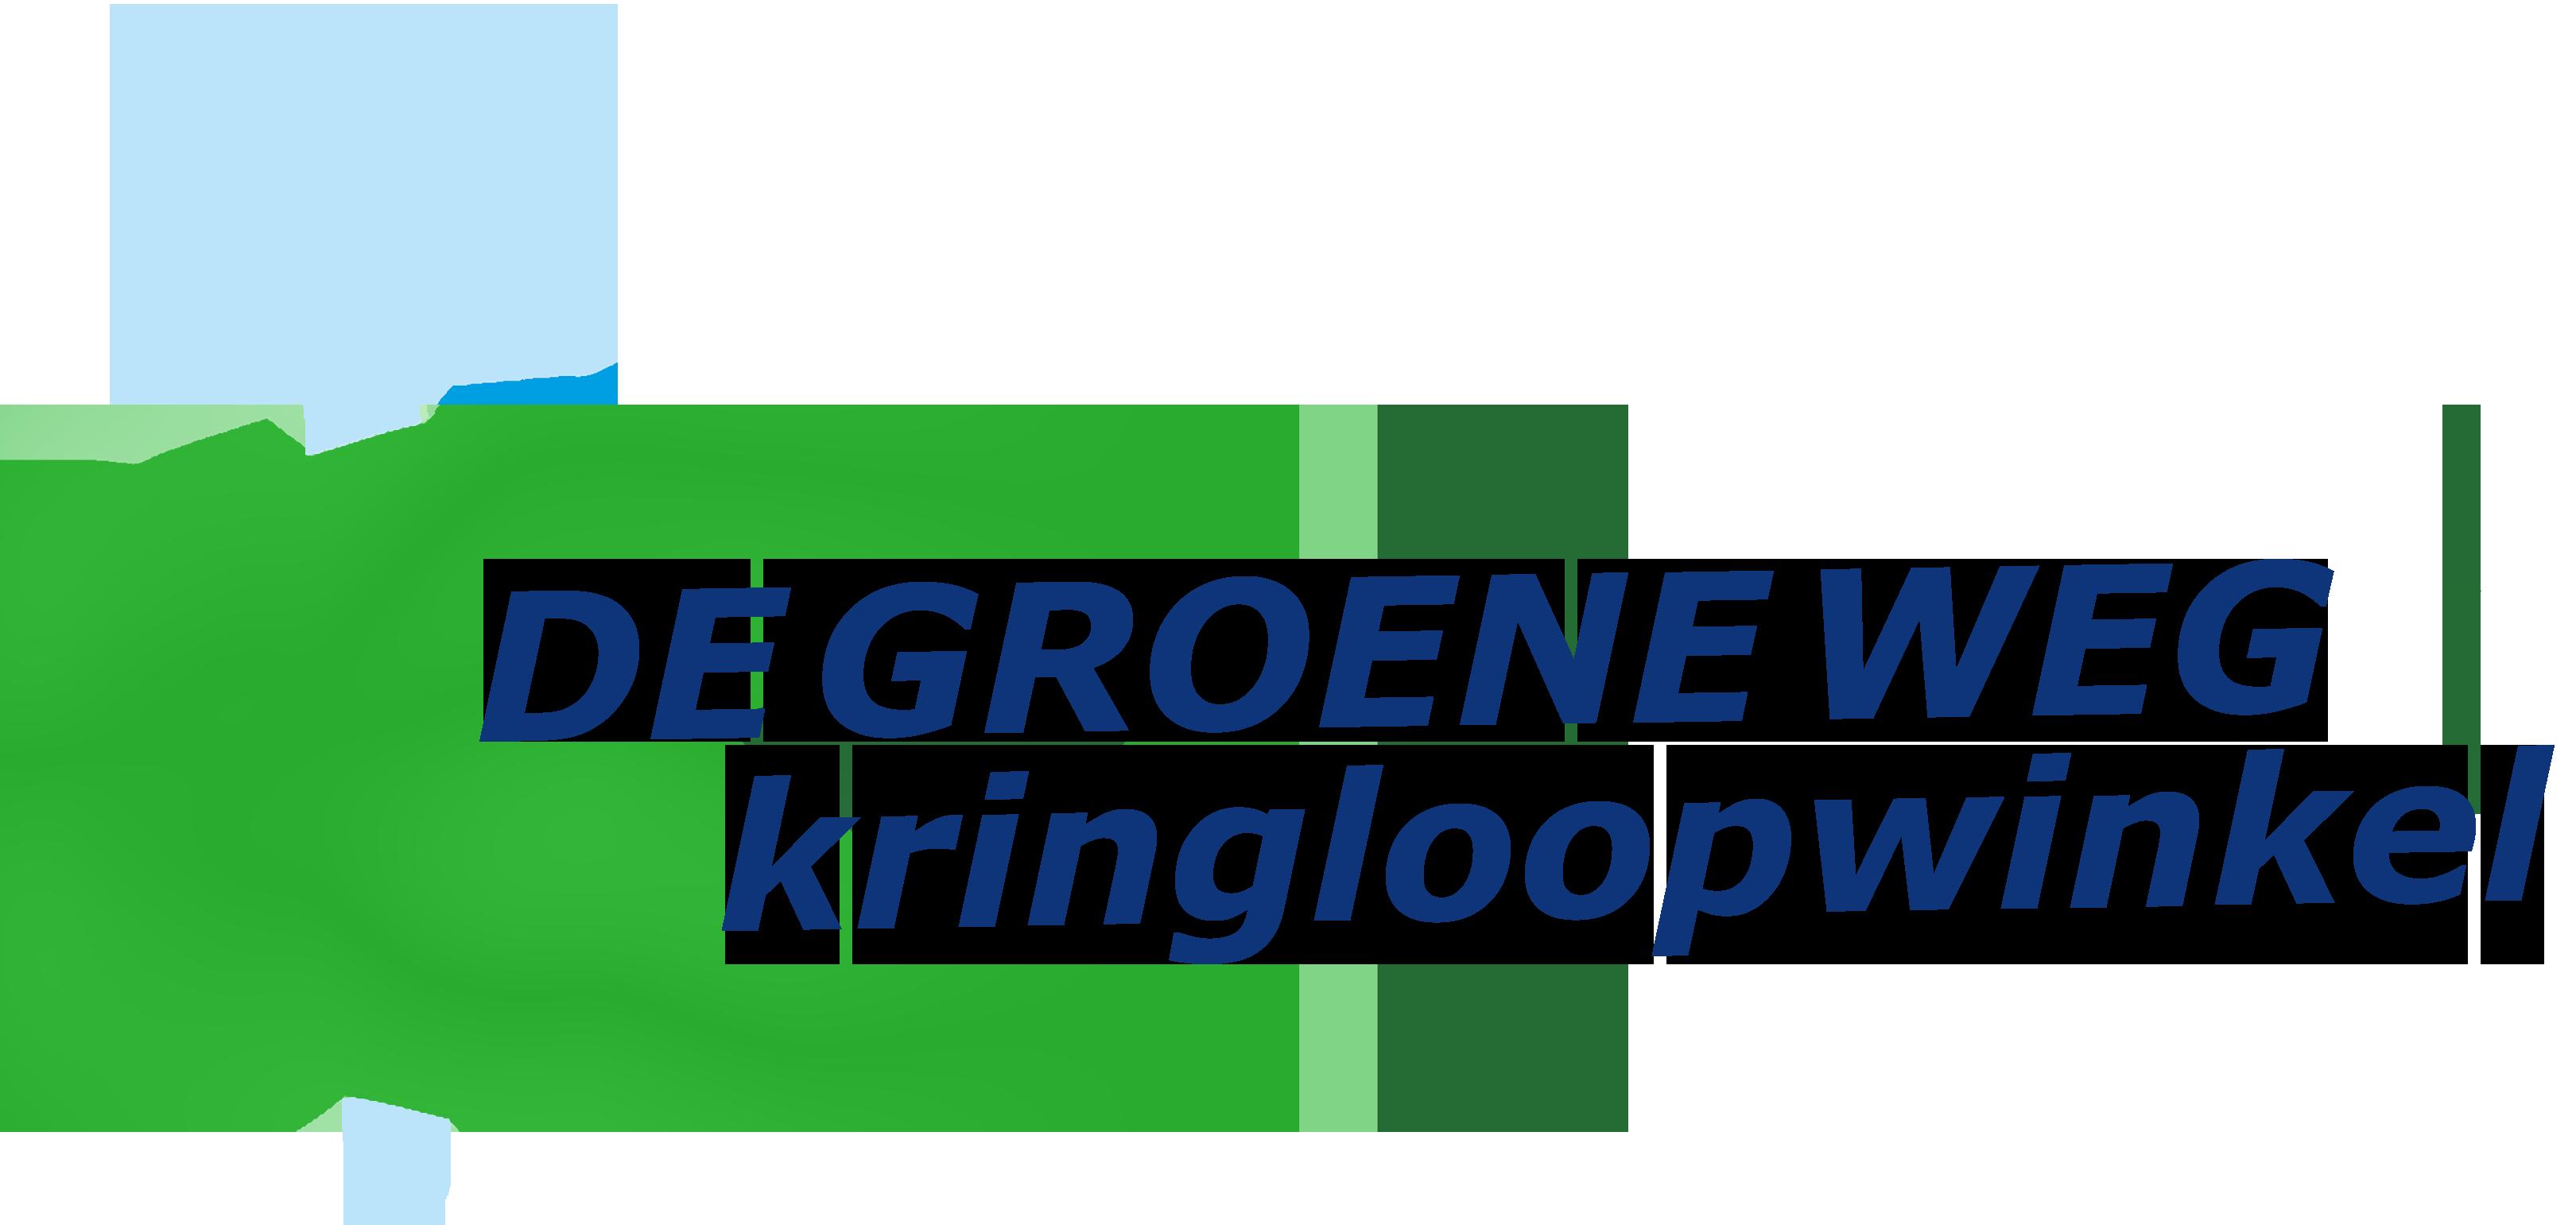 De Groene Weg Kringloopwinkel